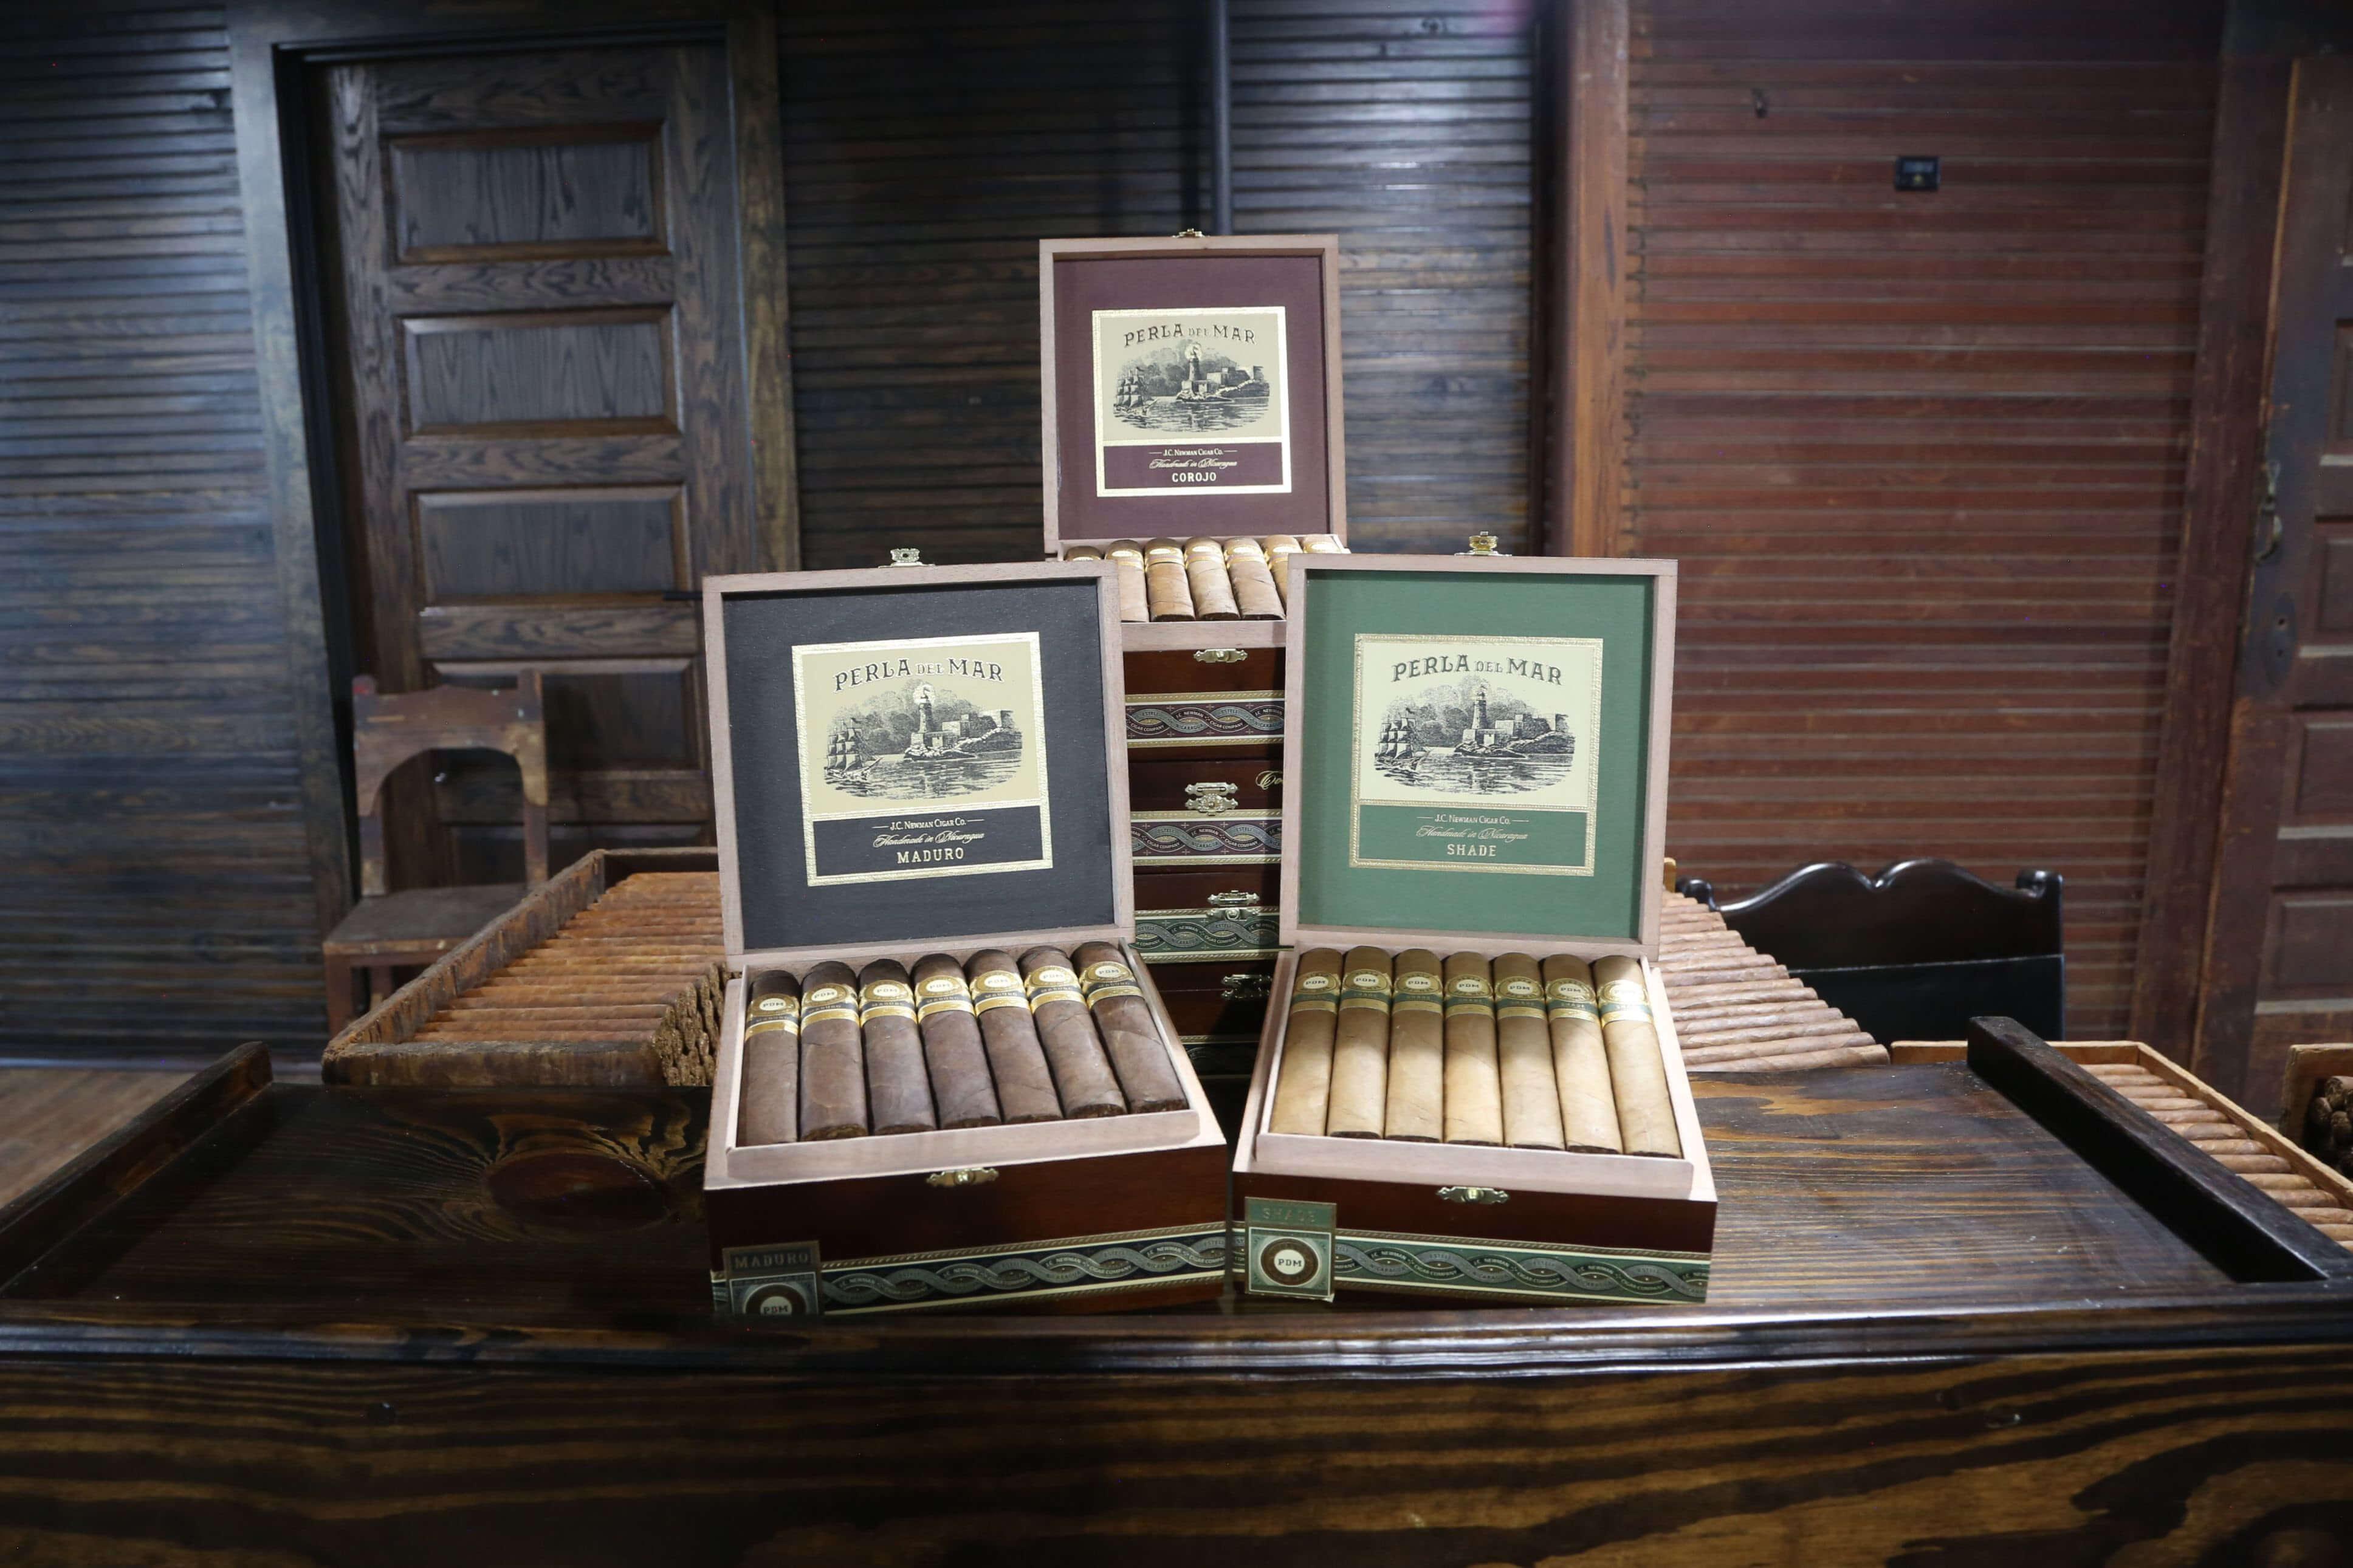 Cigar News: J.C. Newman Relaunches Perla del Mar